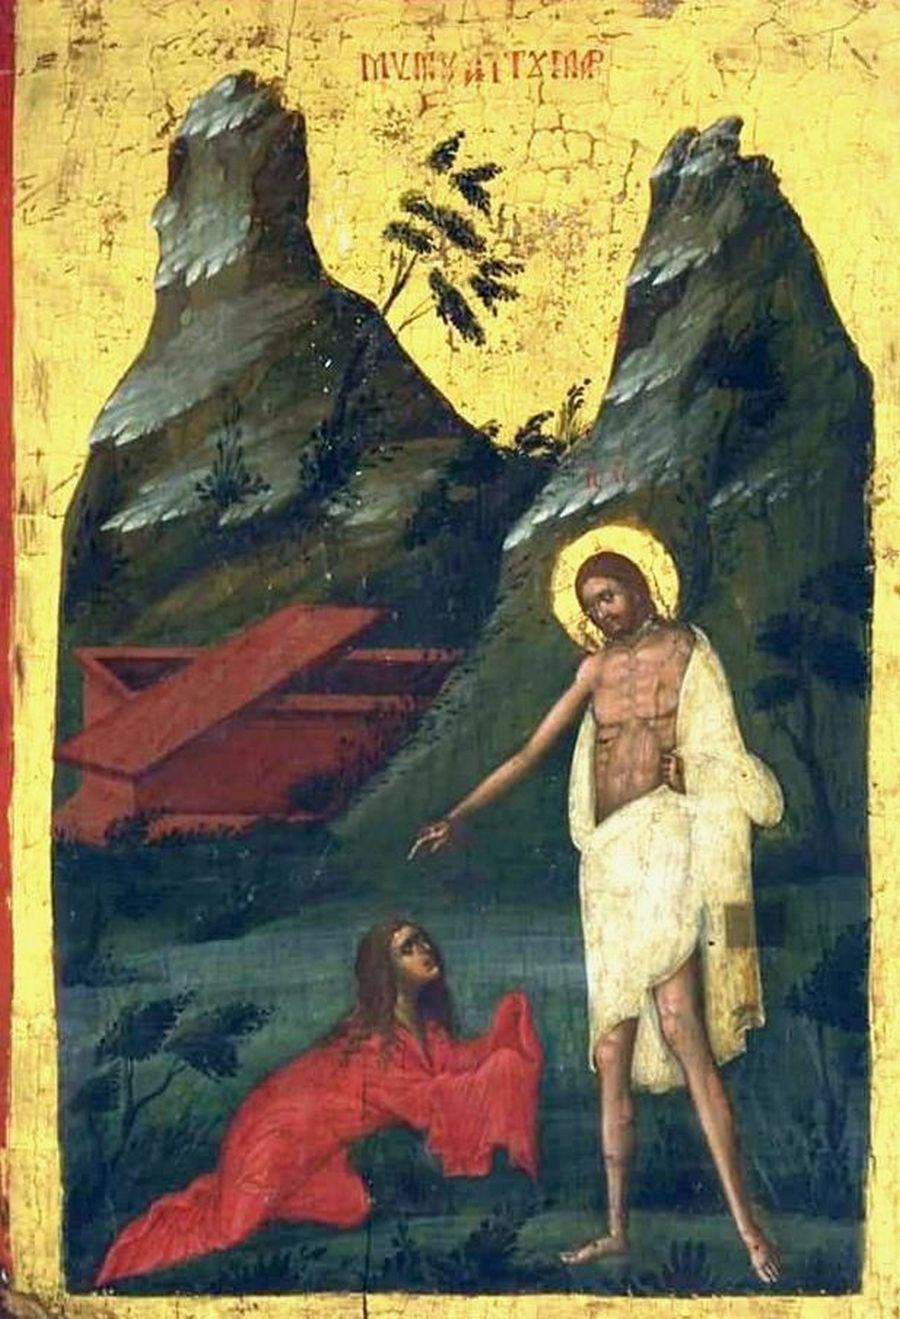 Явление Воскресшего Христа Святой Марии Магдалине. Старинная кипрская икона.